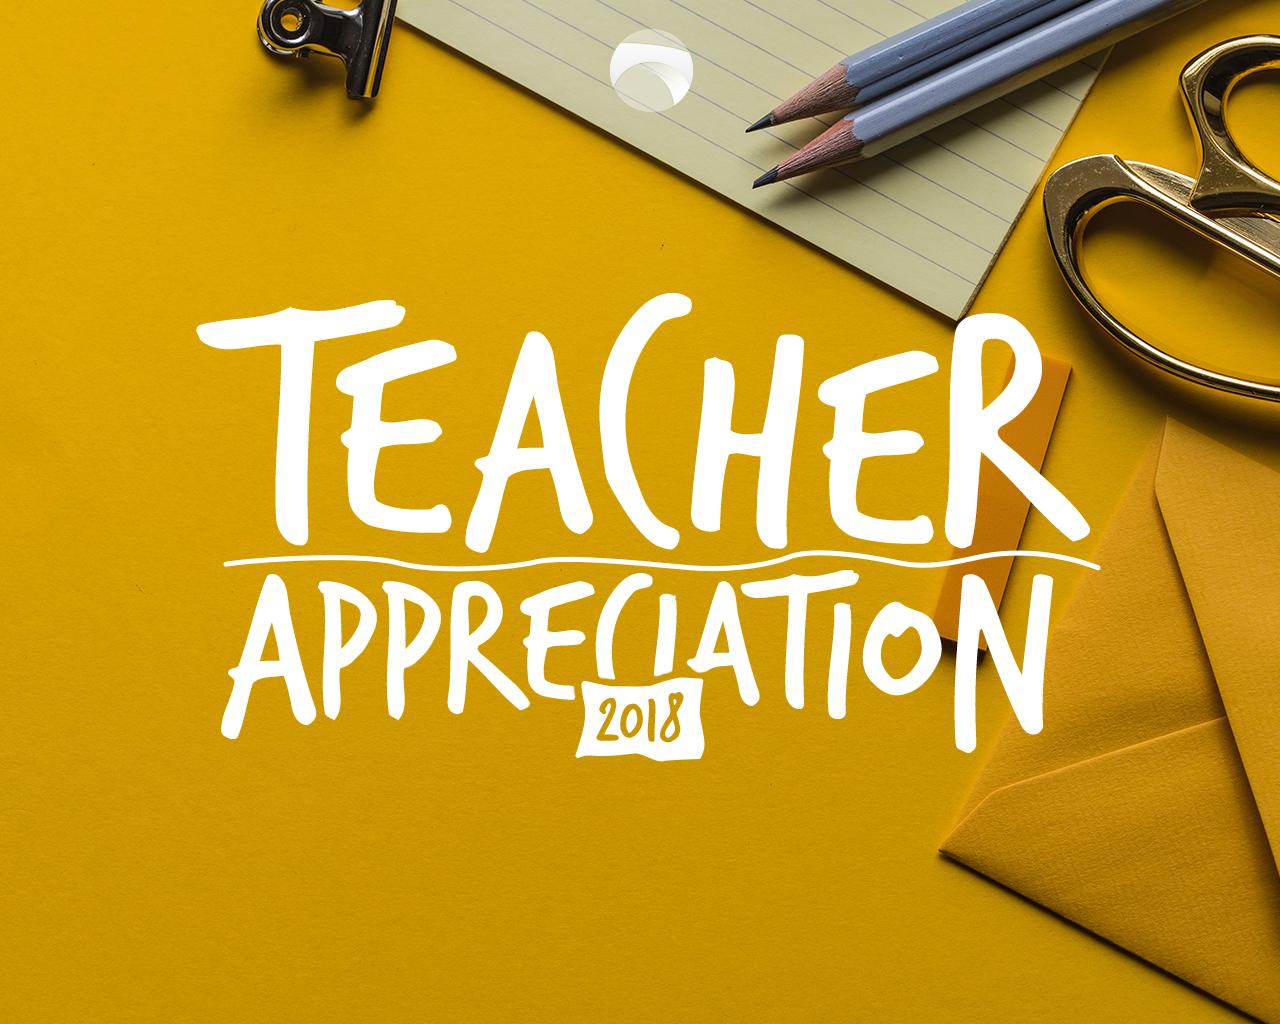 TeacherAppreciation2018Slide.jpg